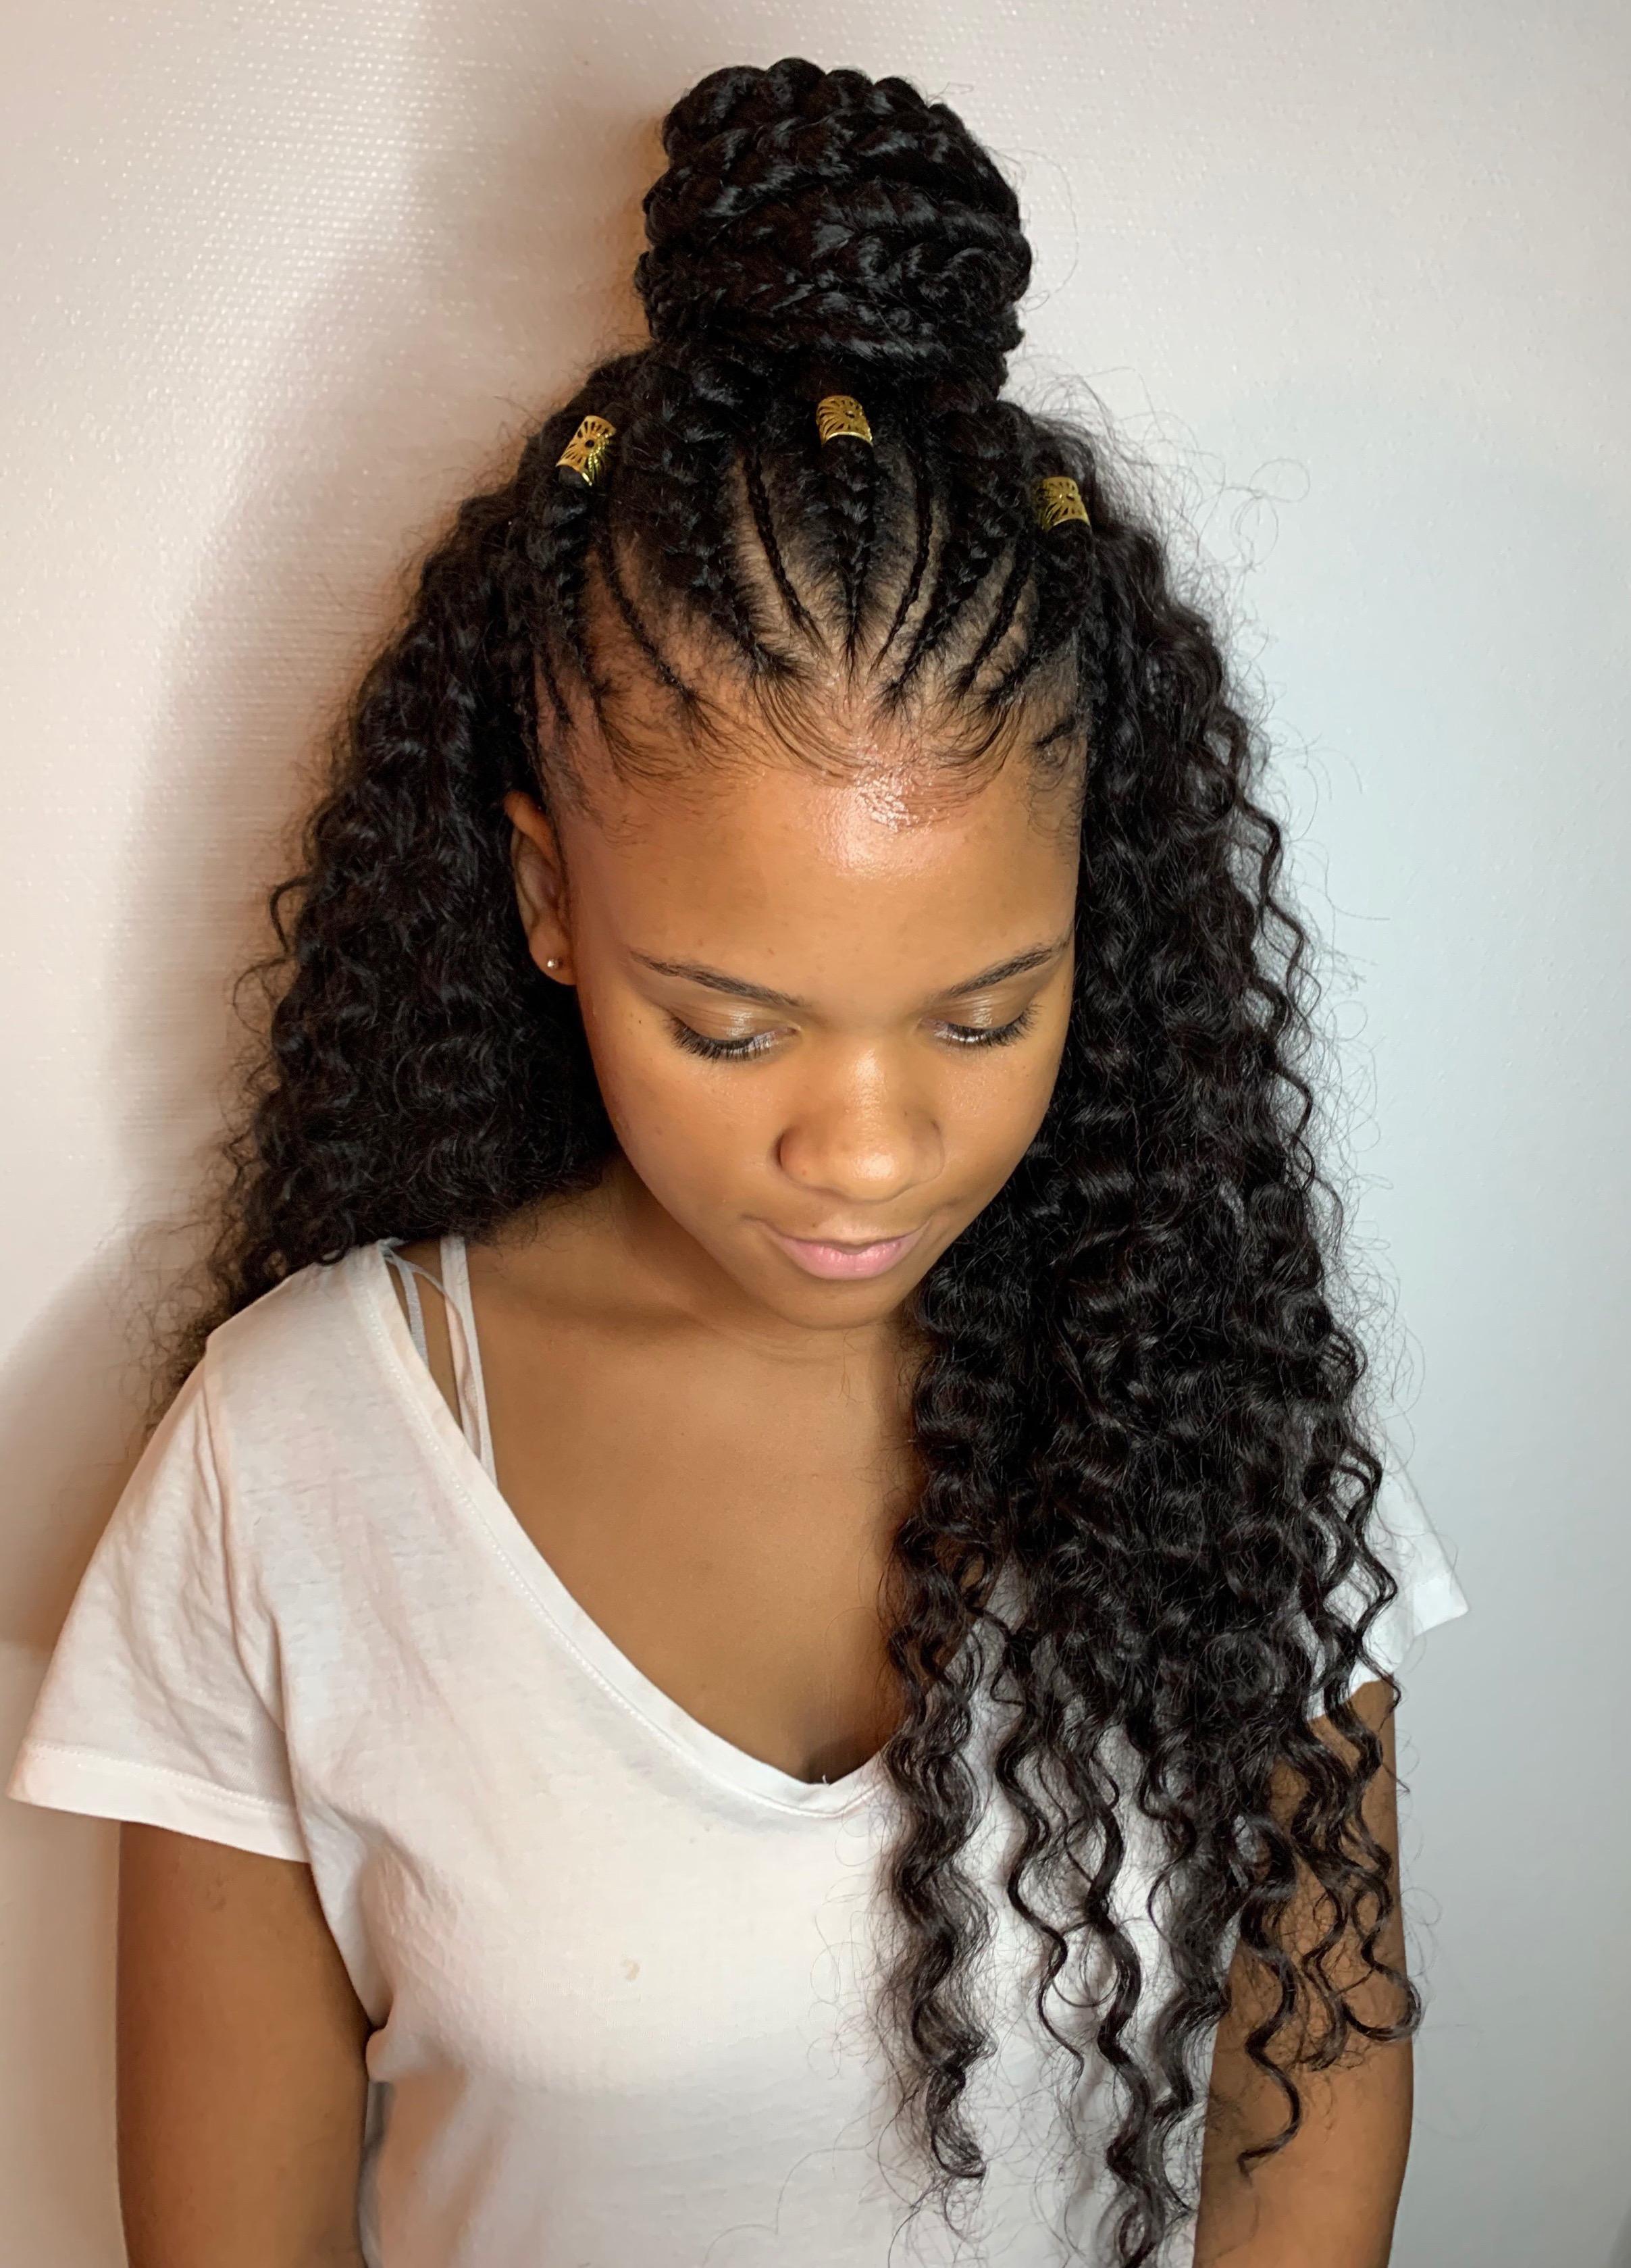 salon de coiffure afro tresse tresses box braids crochet braids vanilles tissages paris 75 77 78 91 92 93 94 95 VGPTWBVV